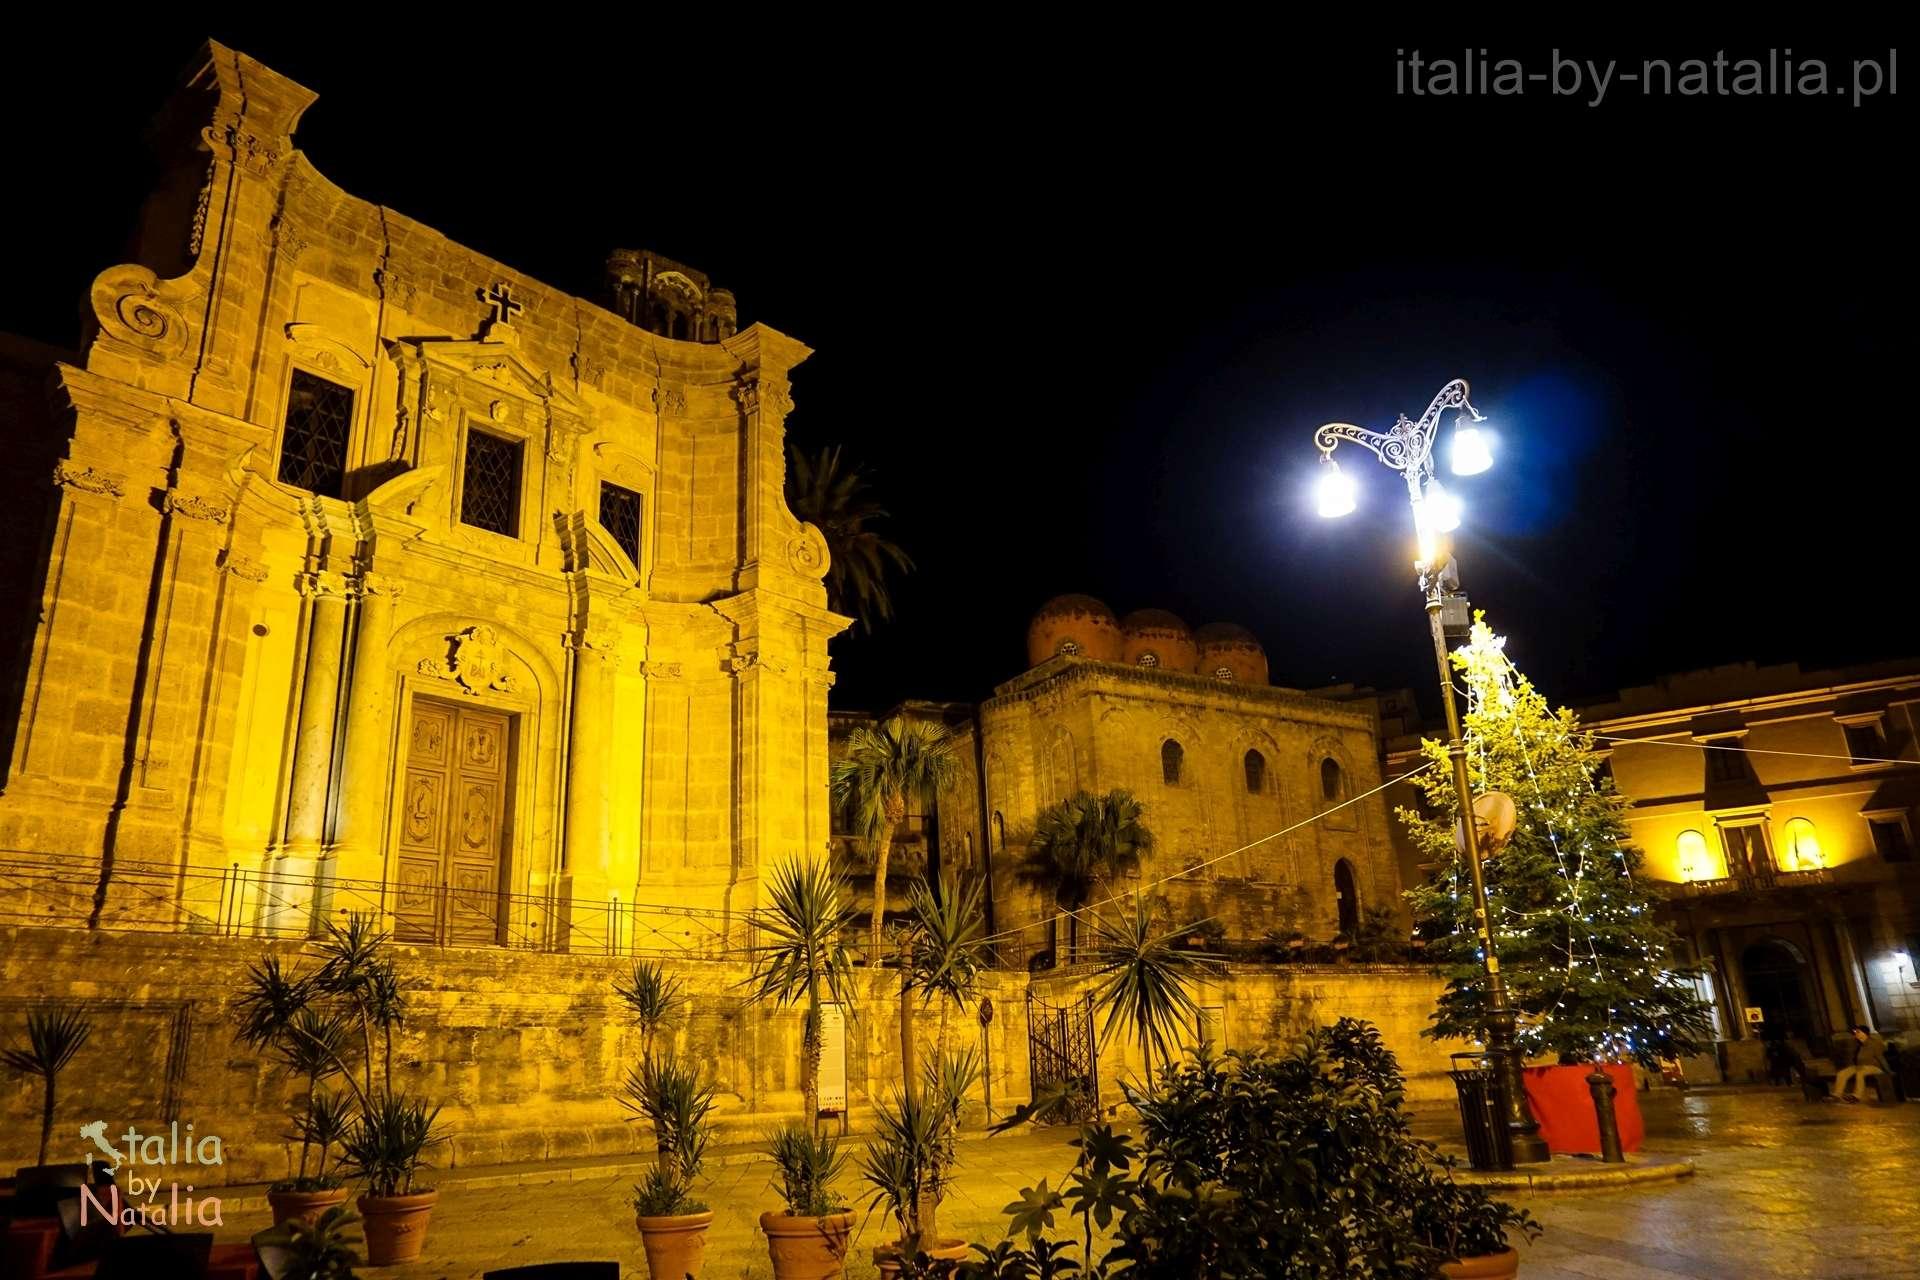 Palermo Sycylia grudzien december christmas święta Piazza Bellini